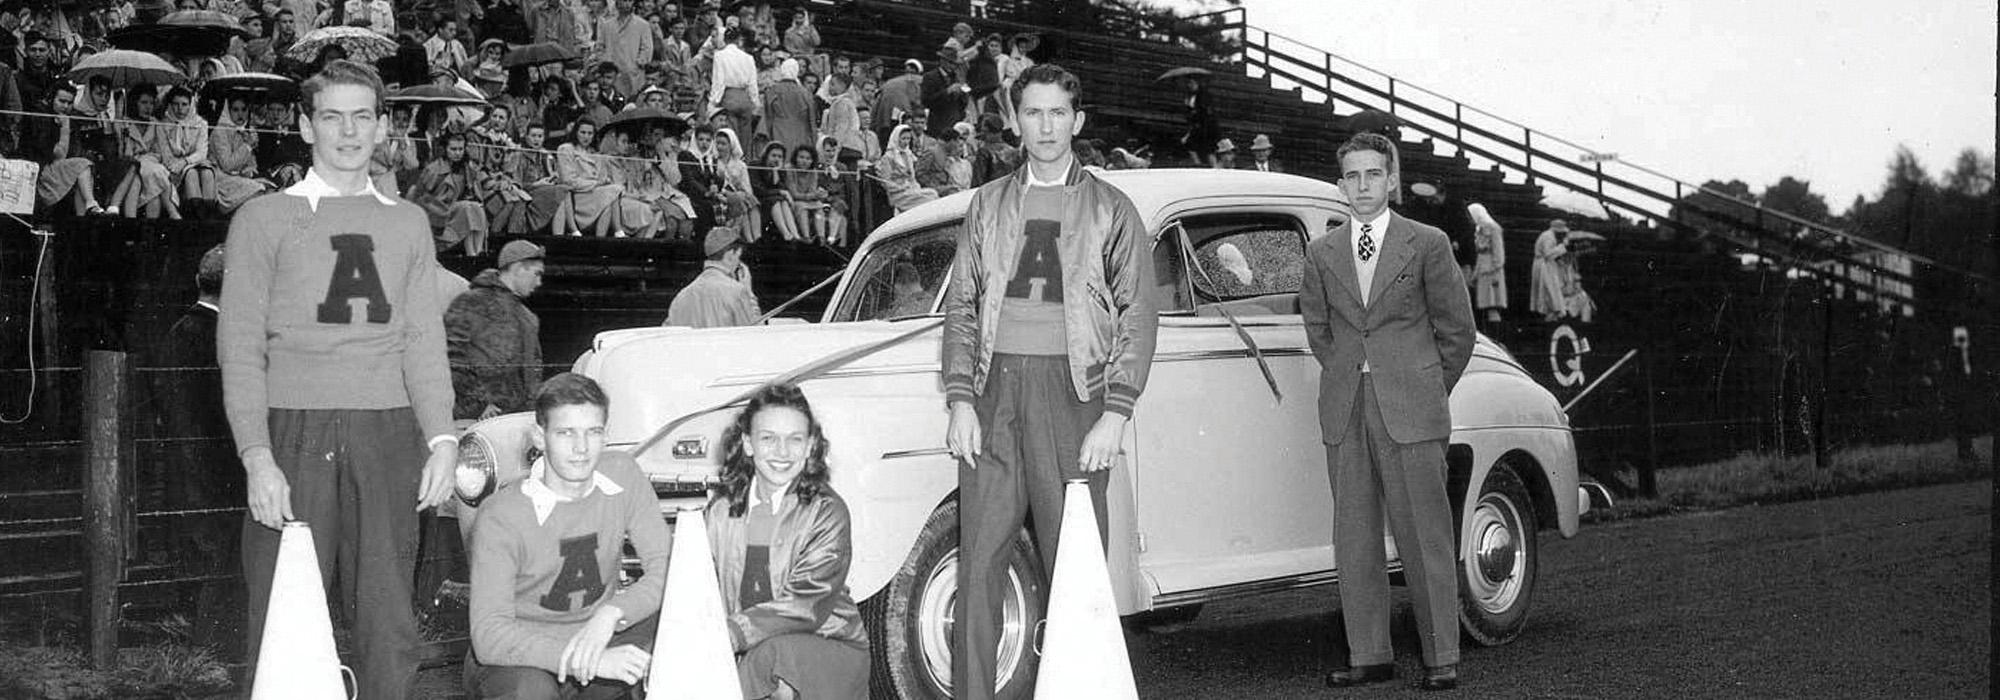 Auburn Cheerleaders leaning on an old car